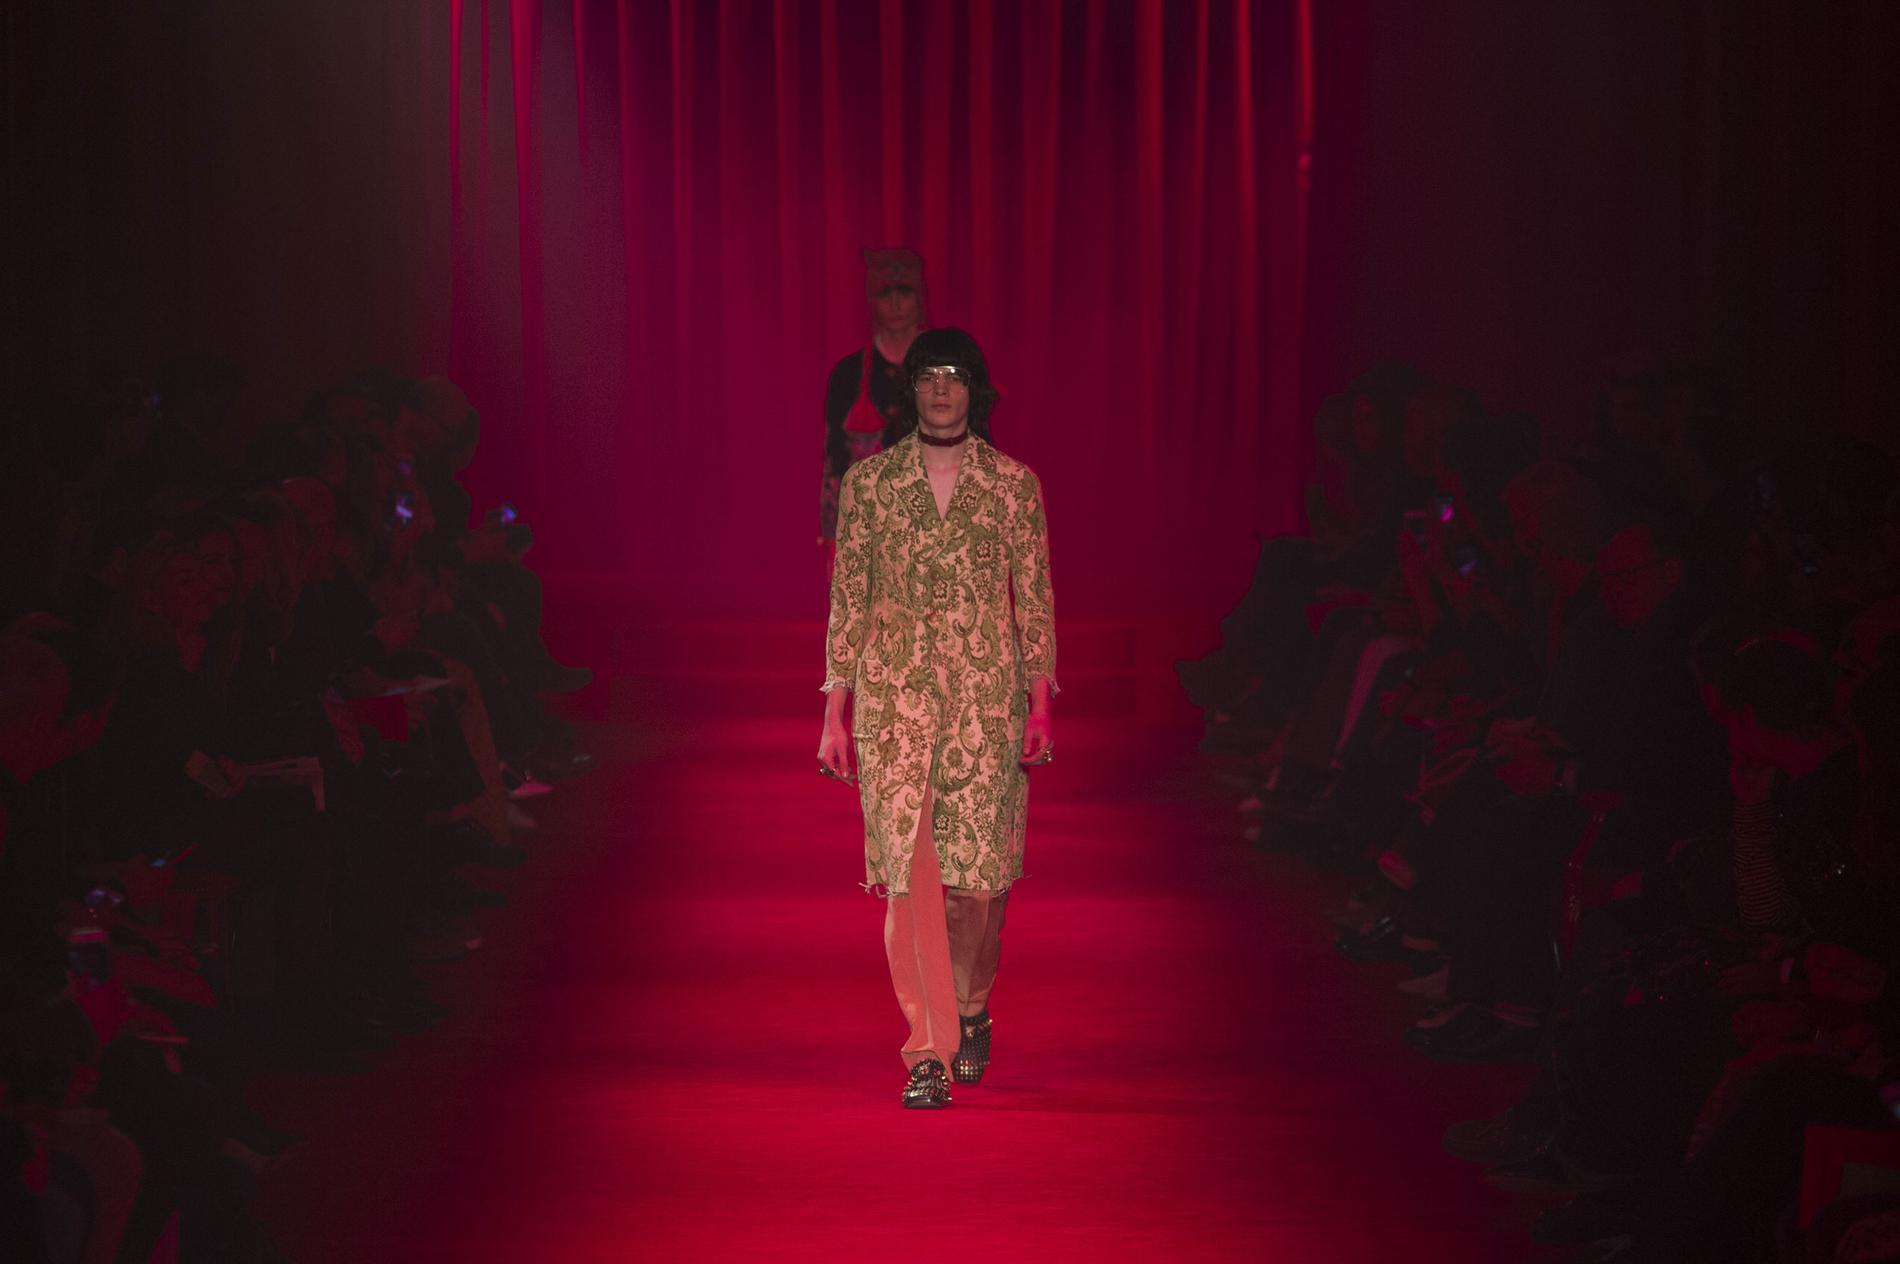 Défilé Gucci automne-hiver 2016-2017, Milan - Look 4. Défilé Gucci Homme  Automne-hiver 2016-2017 Milan - photo 4 Imaxtree 18176c8a503